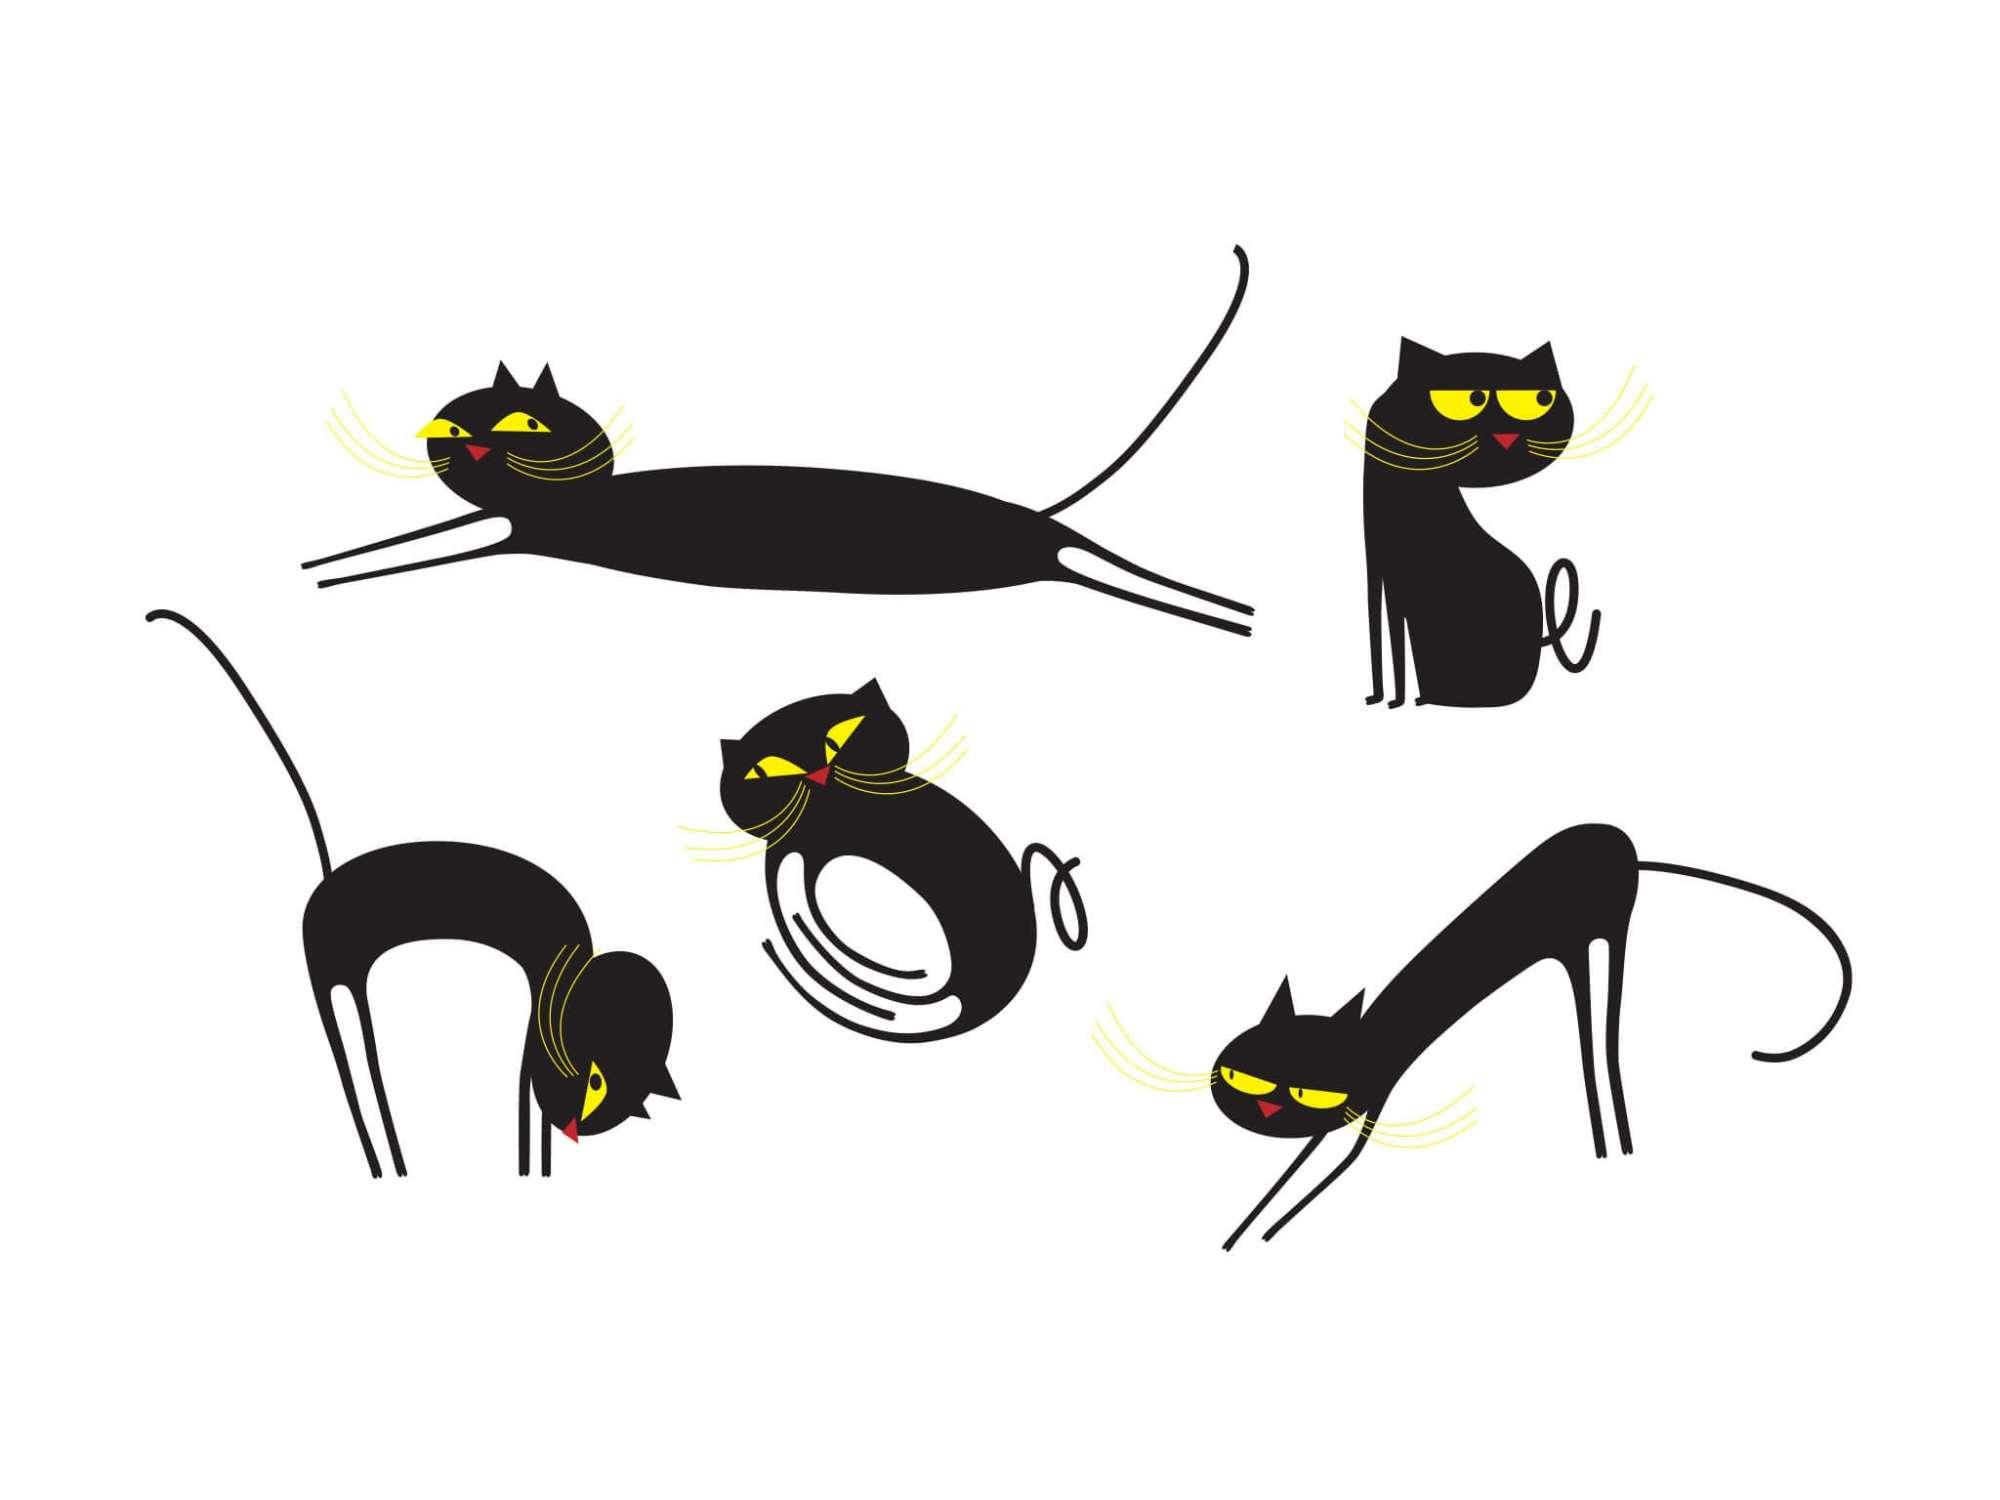 set de 5 chats à la personnalité de votre choix : joueur, méchant, sympa, inquiet.